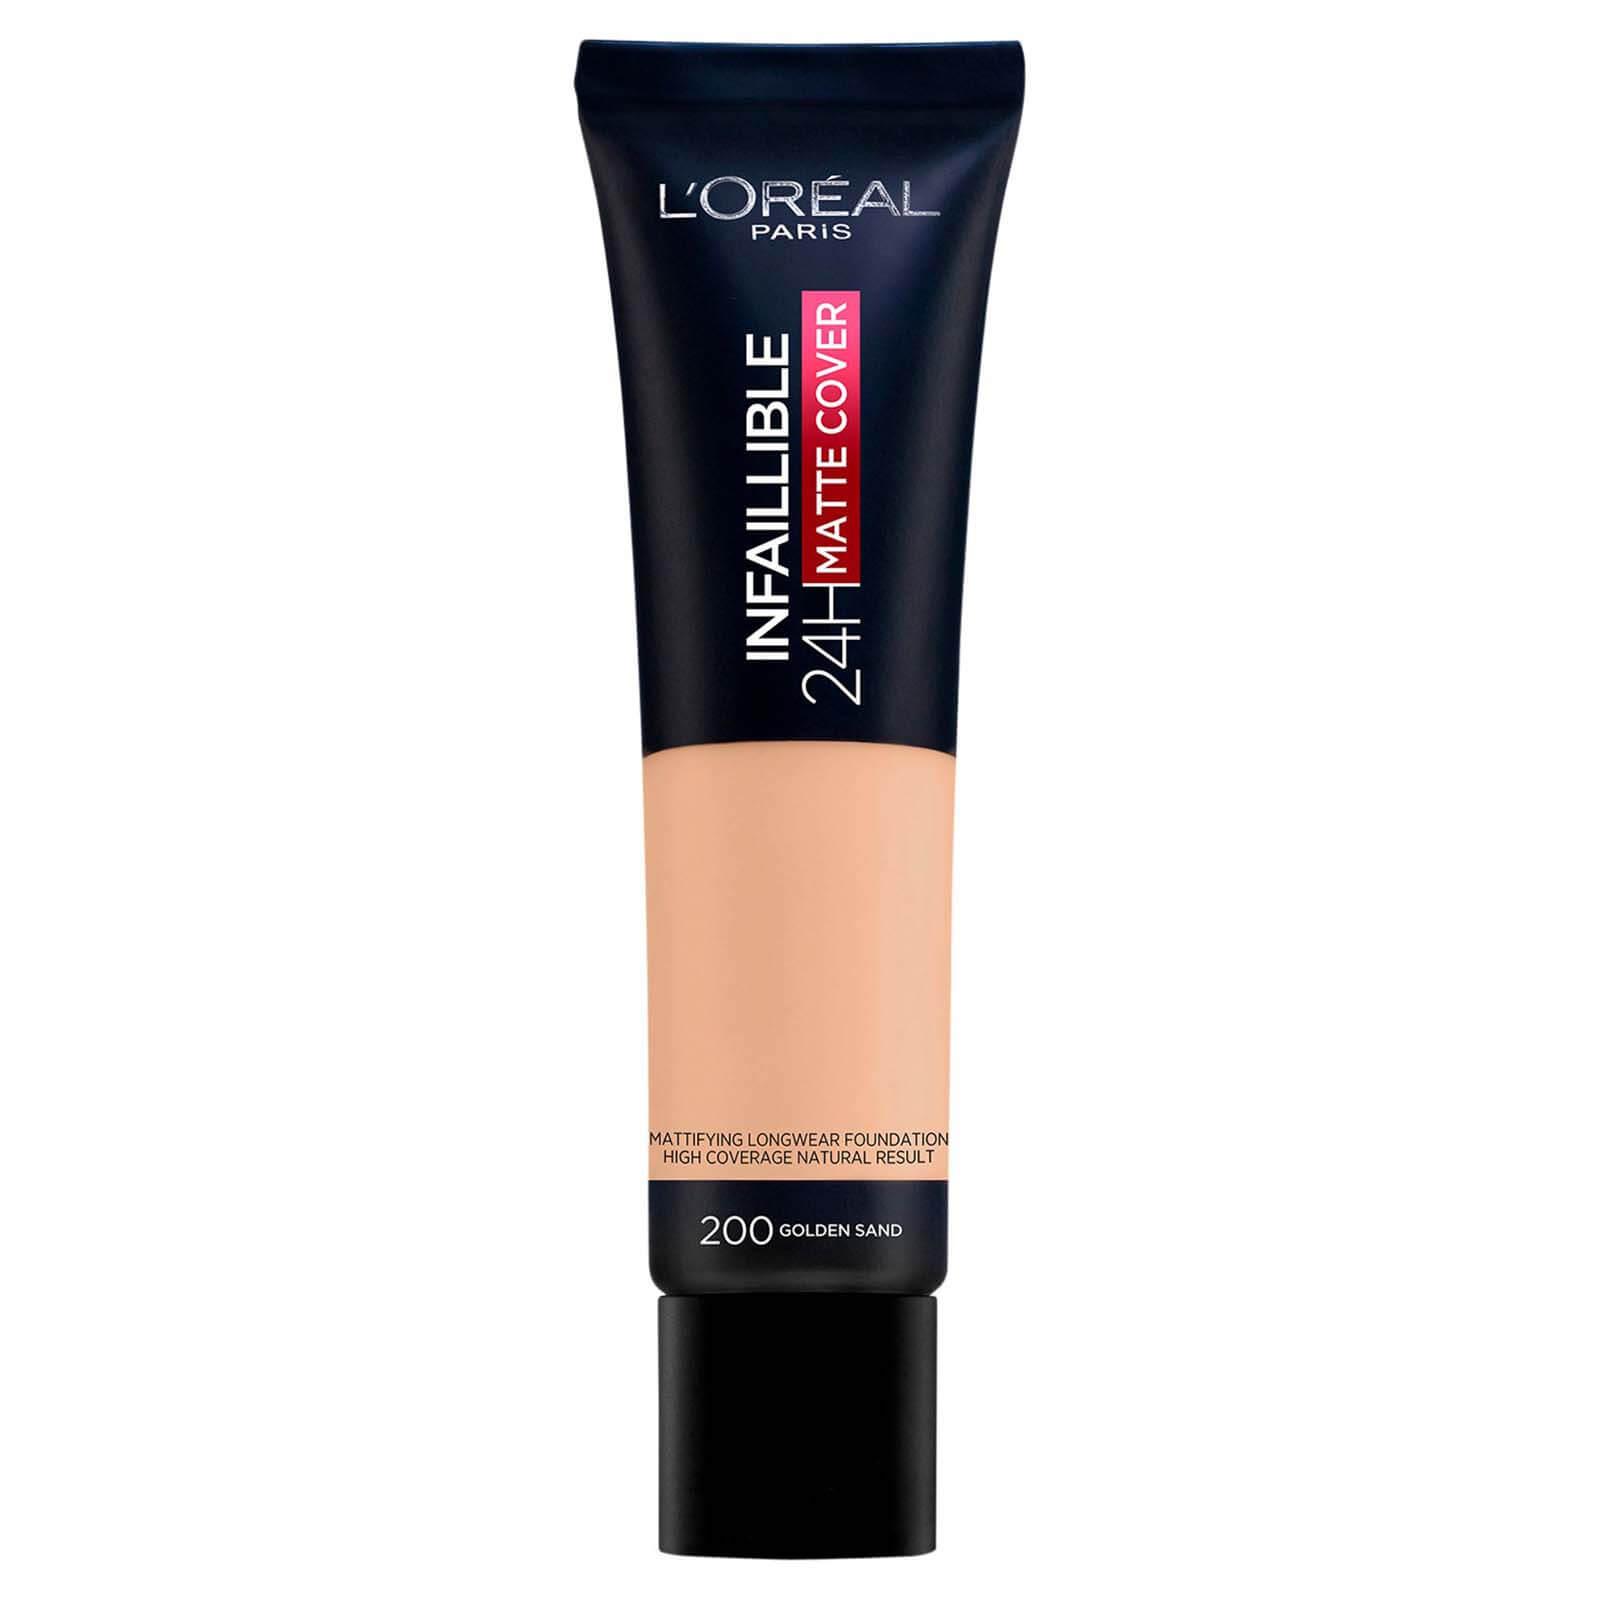 L'Oréal Paris Infallible 24hr Matte Cover Liquid Foundation 35ml (Various Shades) - 200 Golden Sand